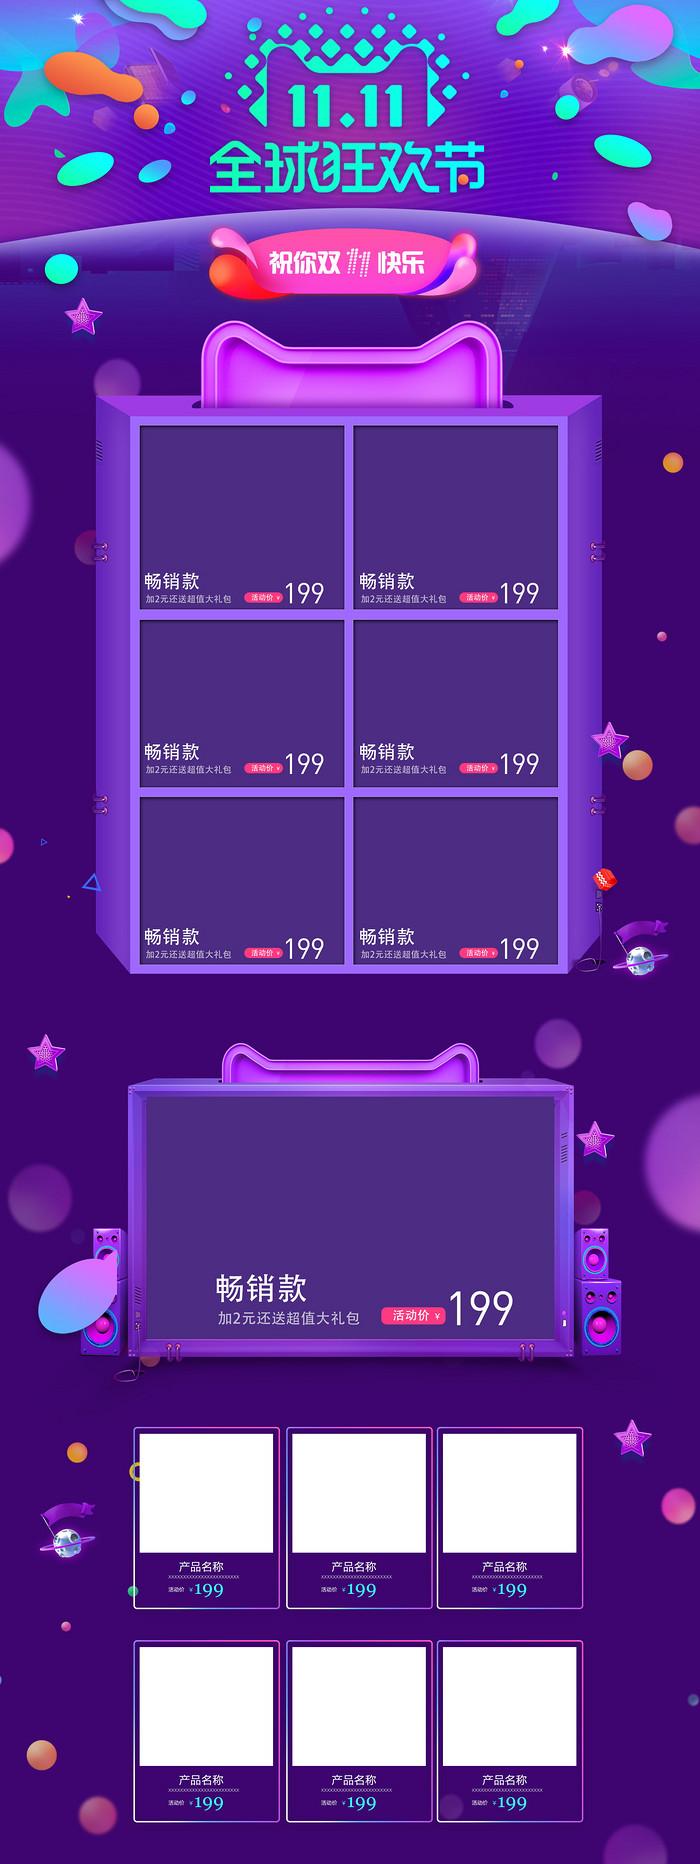 双十一全球狂欢节紫色首页